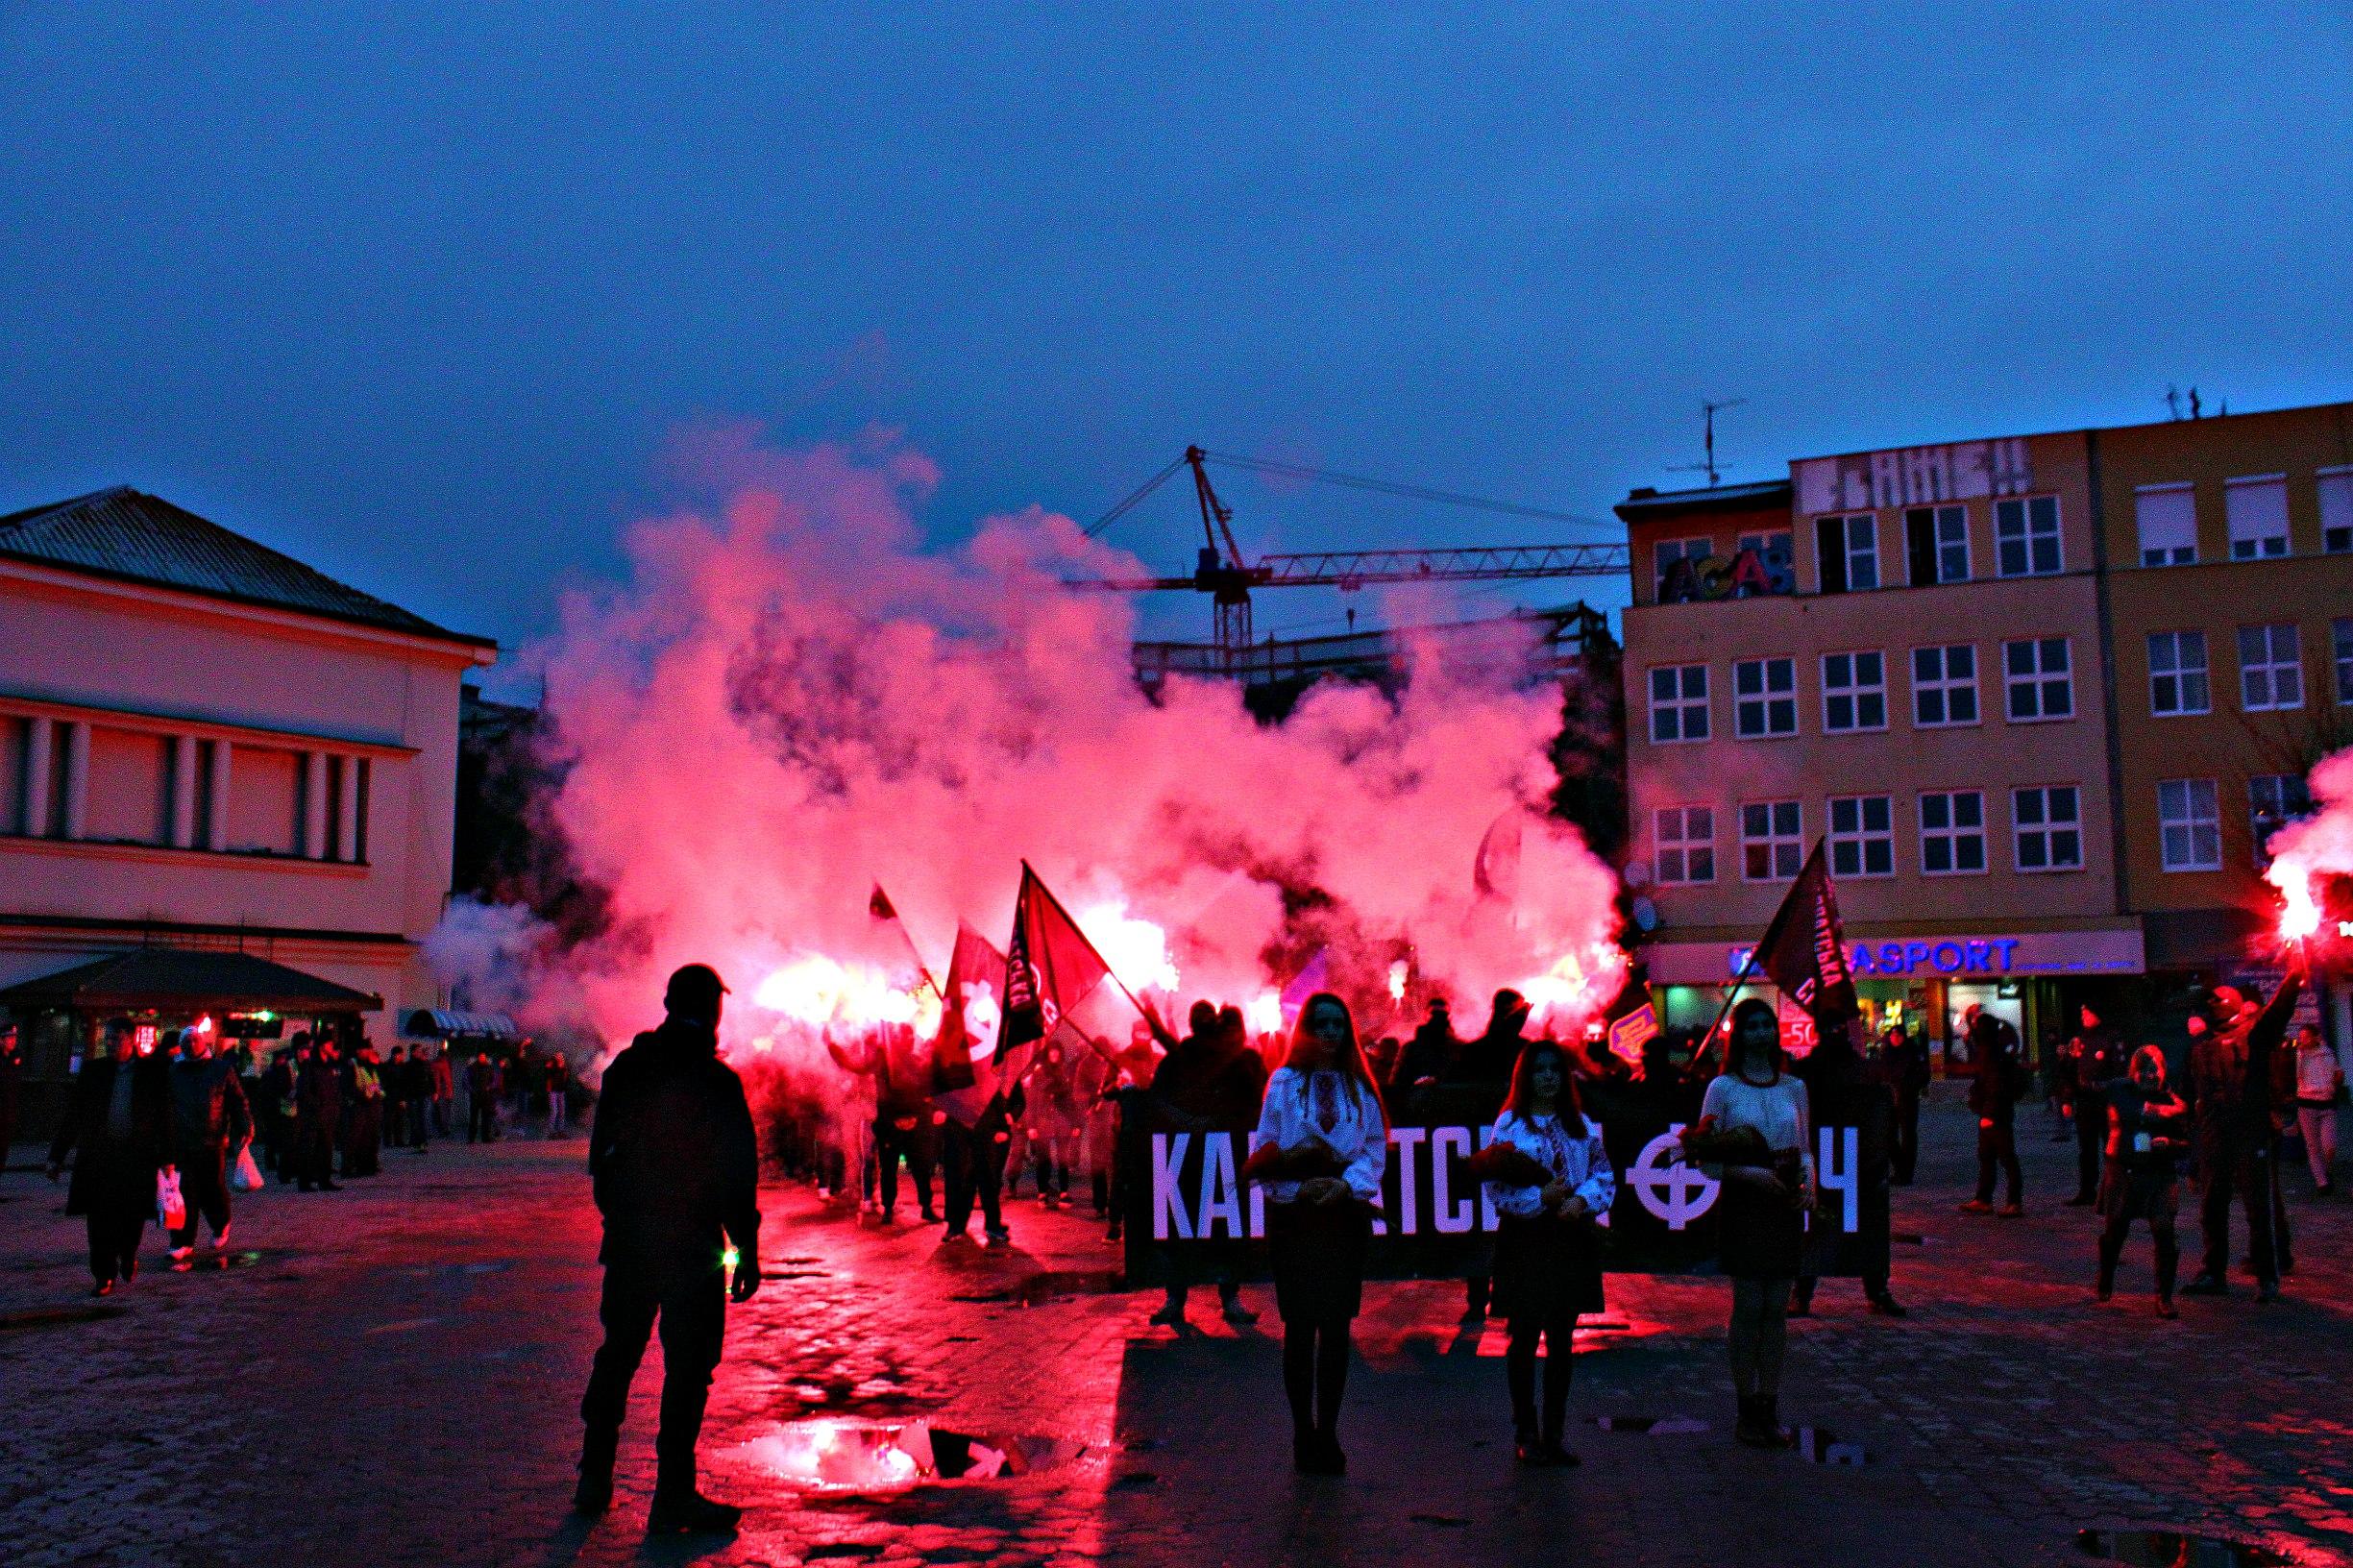 Karpatszka Szics felvonulása Ungváron, képanyag: 64 kép FR-ssKwtKsM